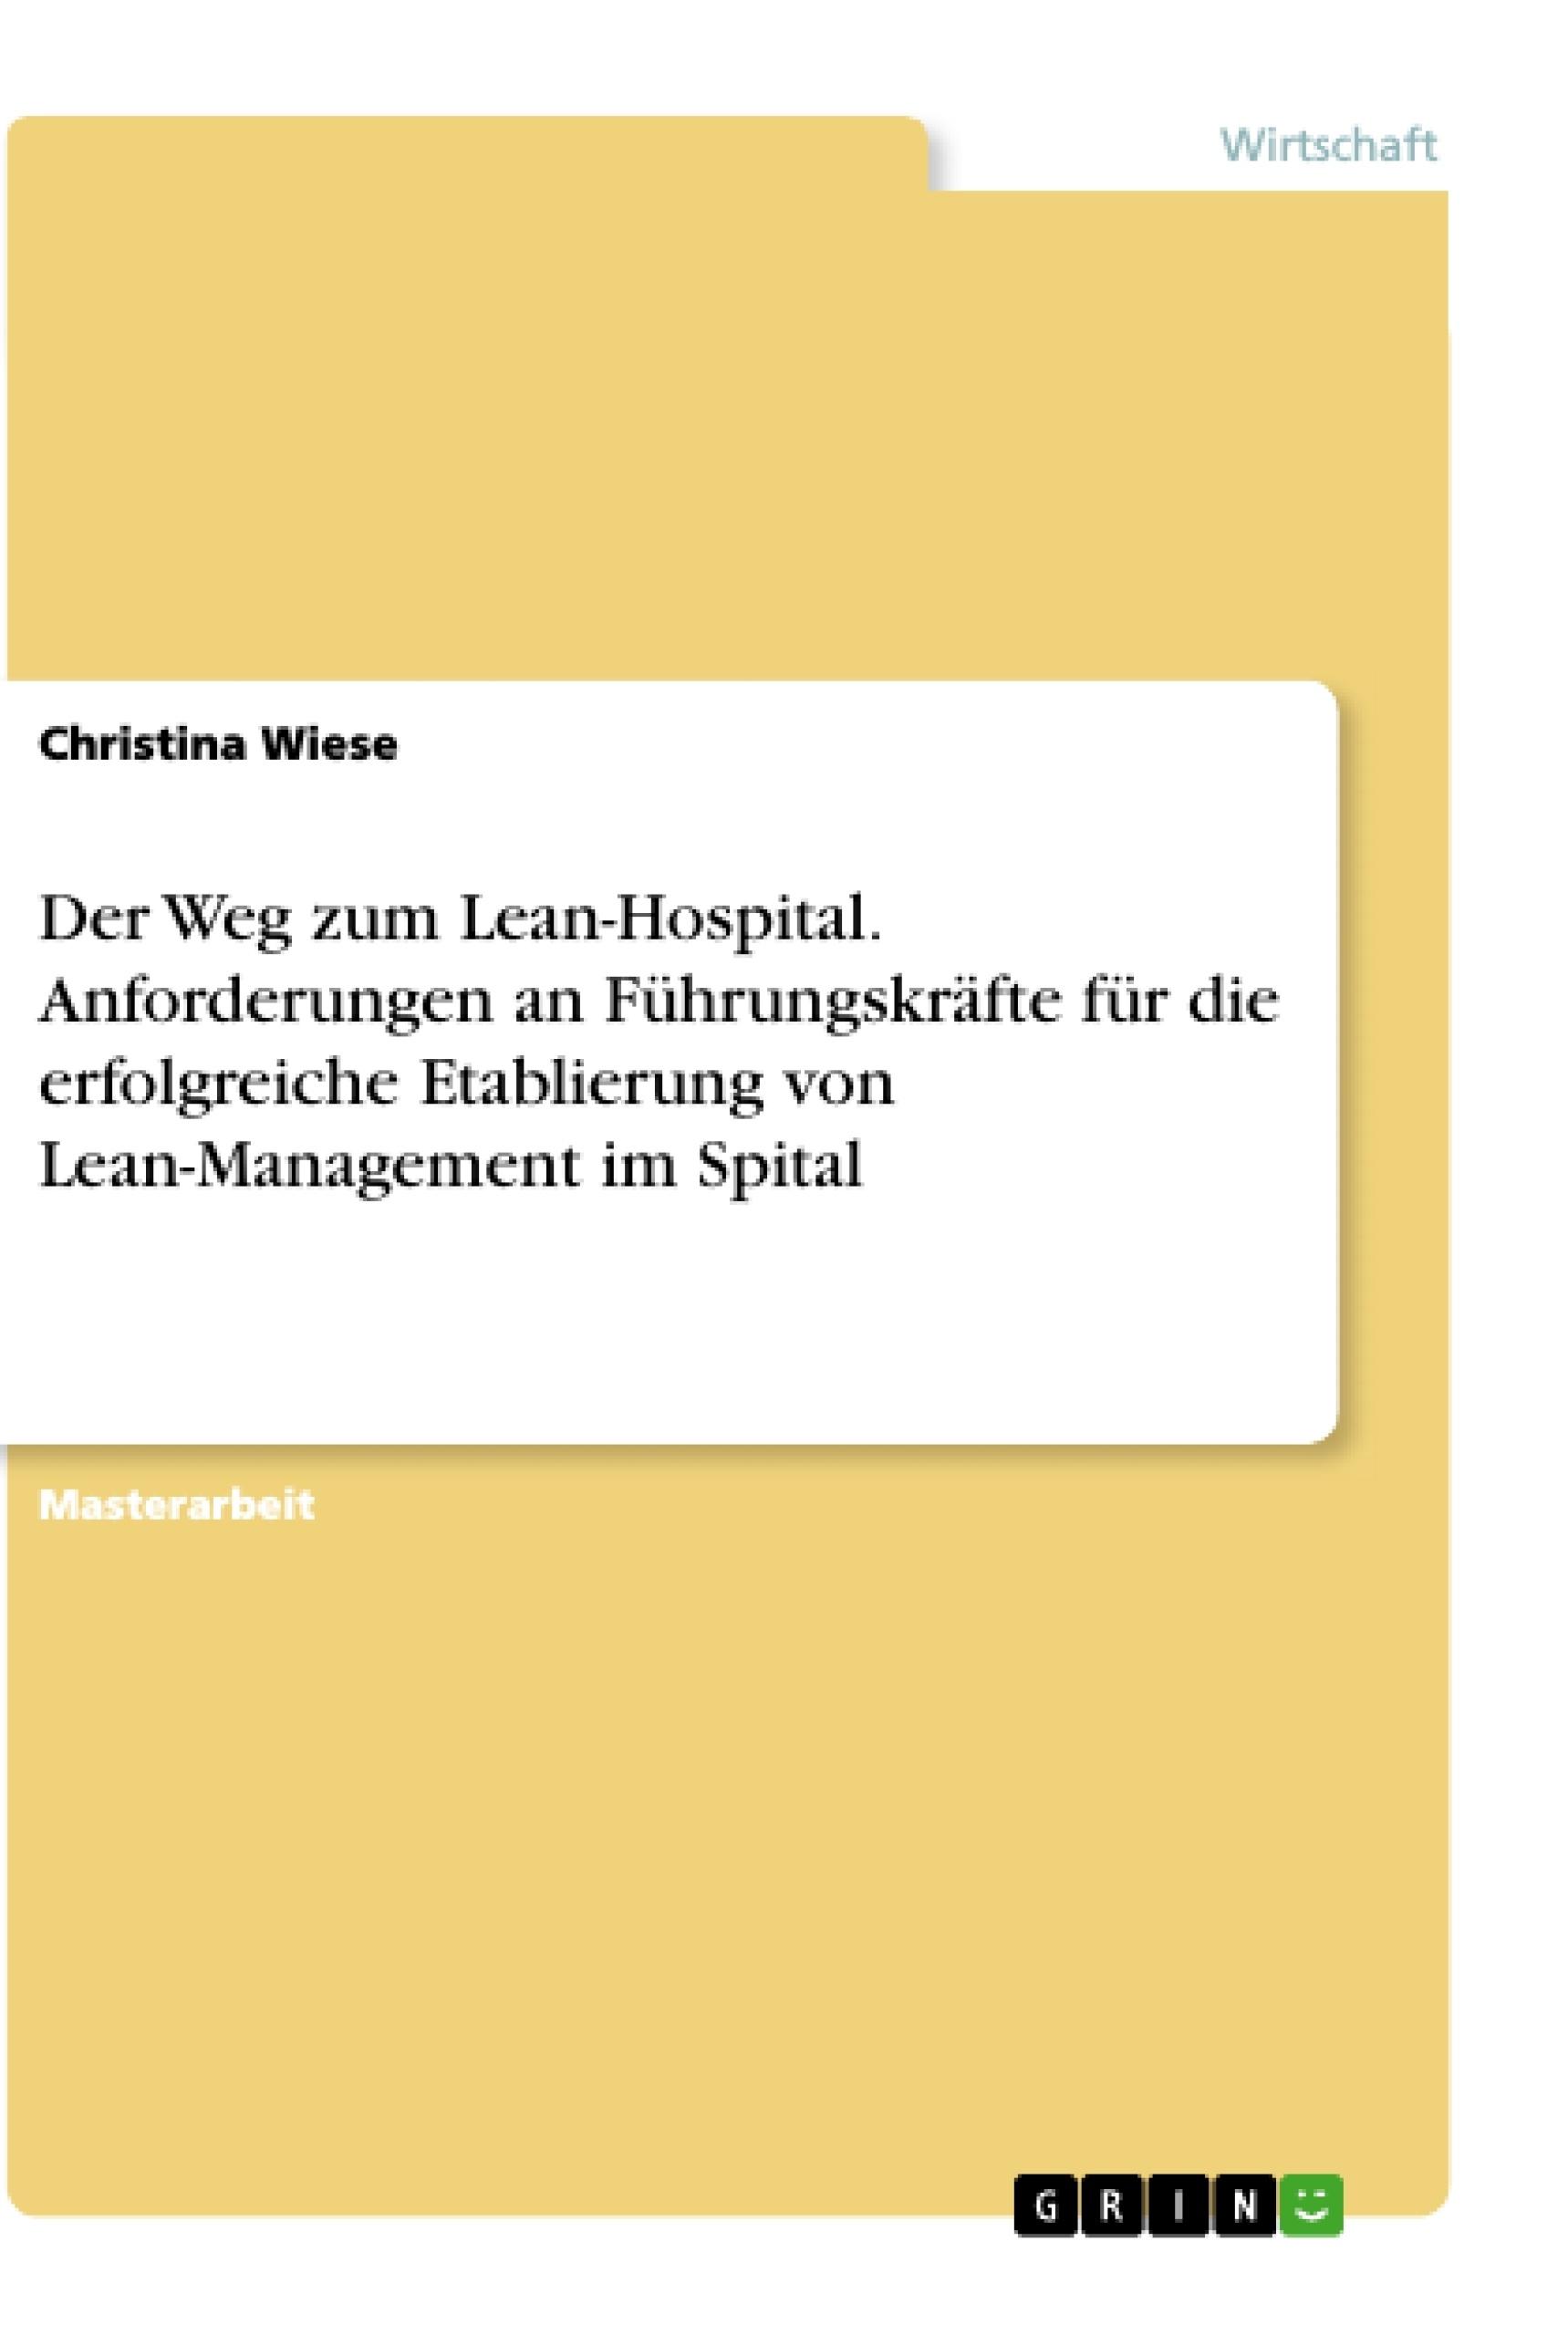 Titel: Der Weg zum Lean-Hospital. Anforderungen an Führungskräfte für die erfolgreiche Etablierung von Lean-Management im Spital